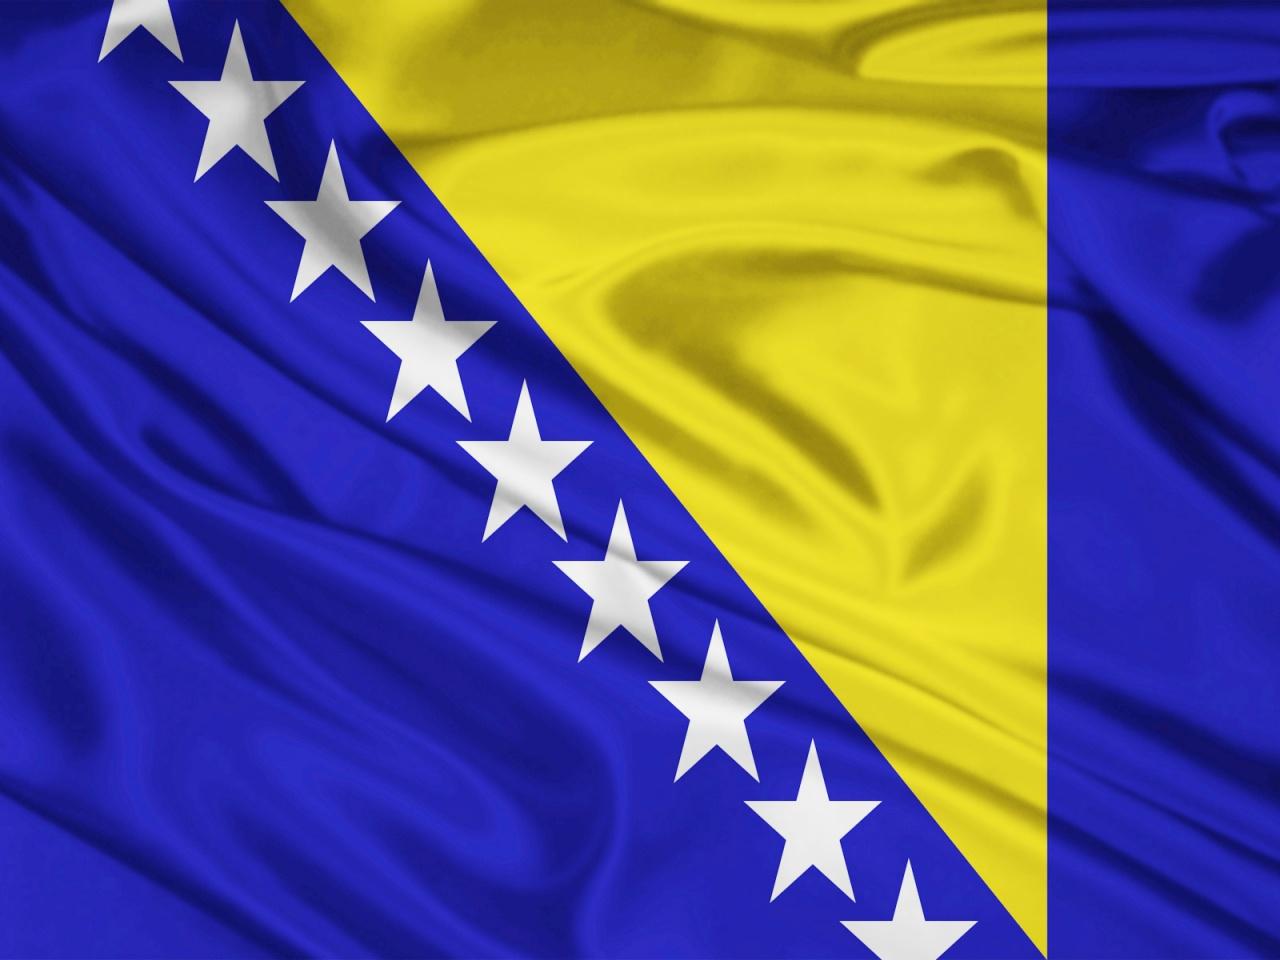 фото флаг босния и герцеговина